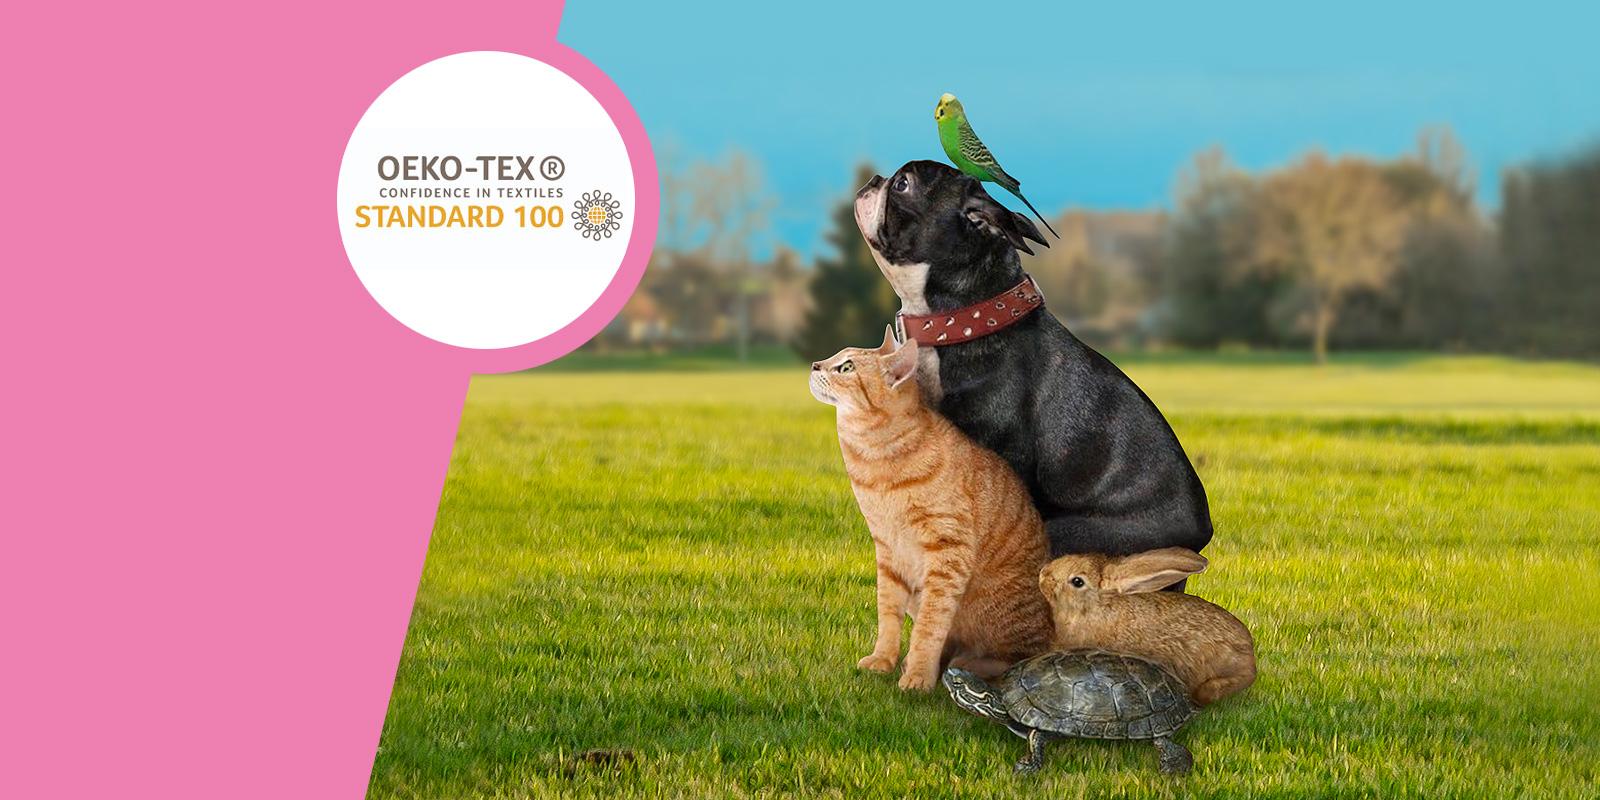 oeko-tex shop abbigliamento e cosmesi